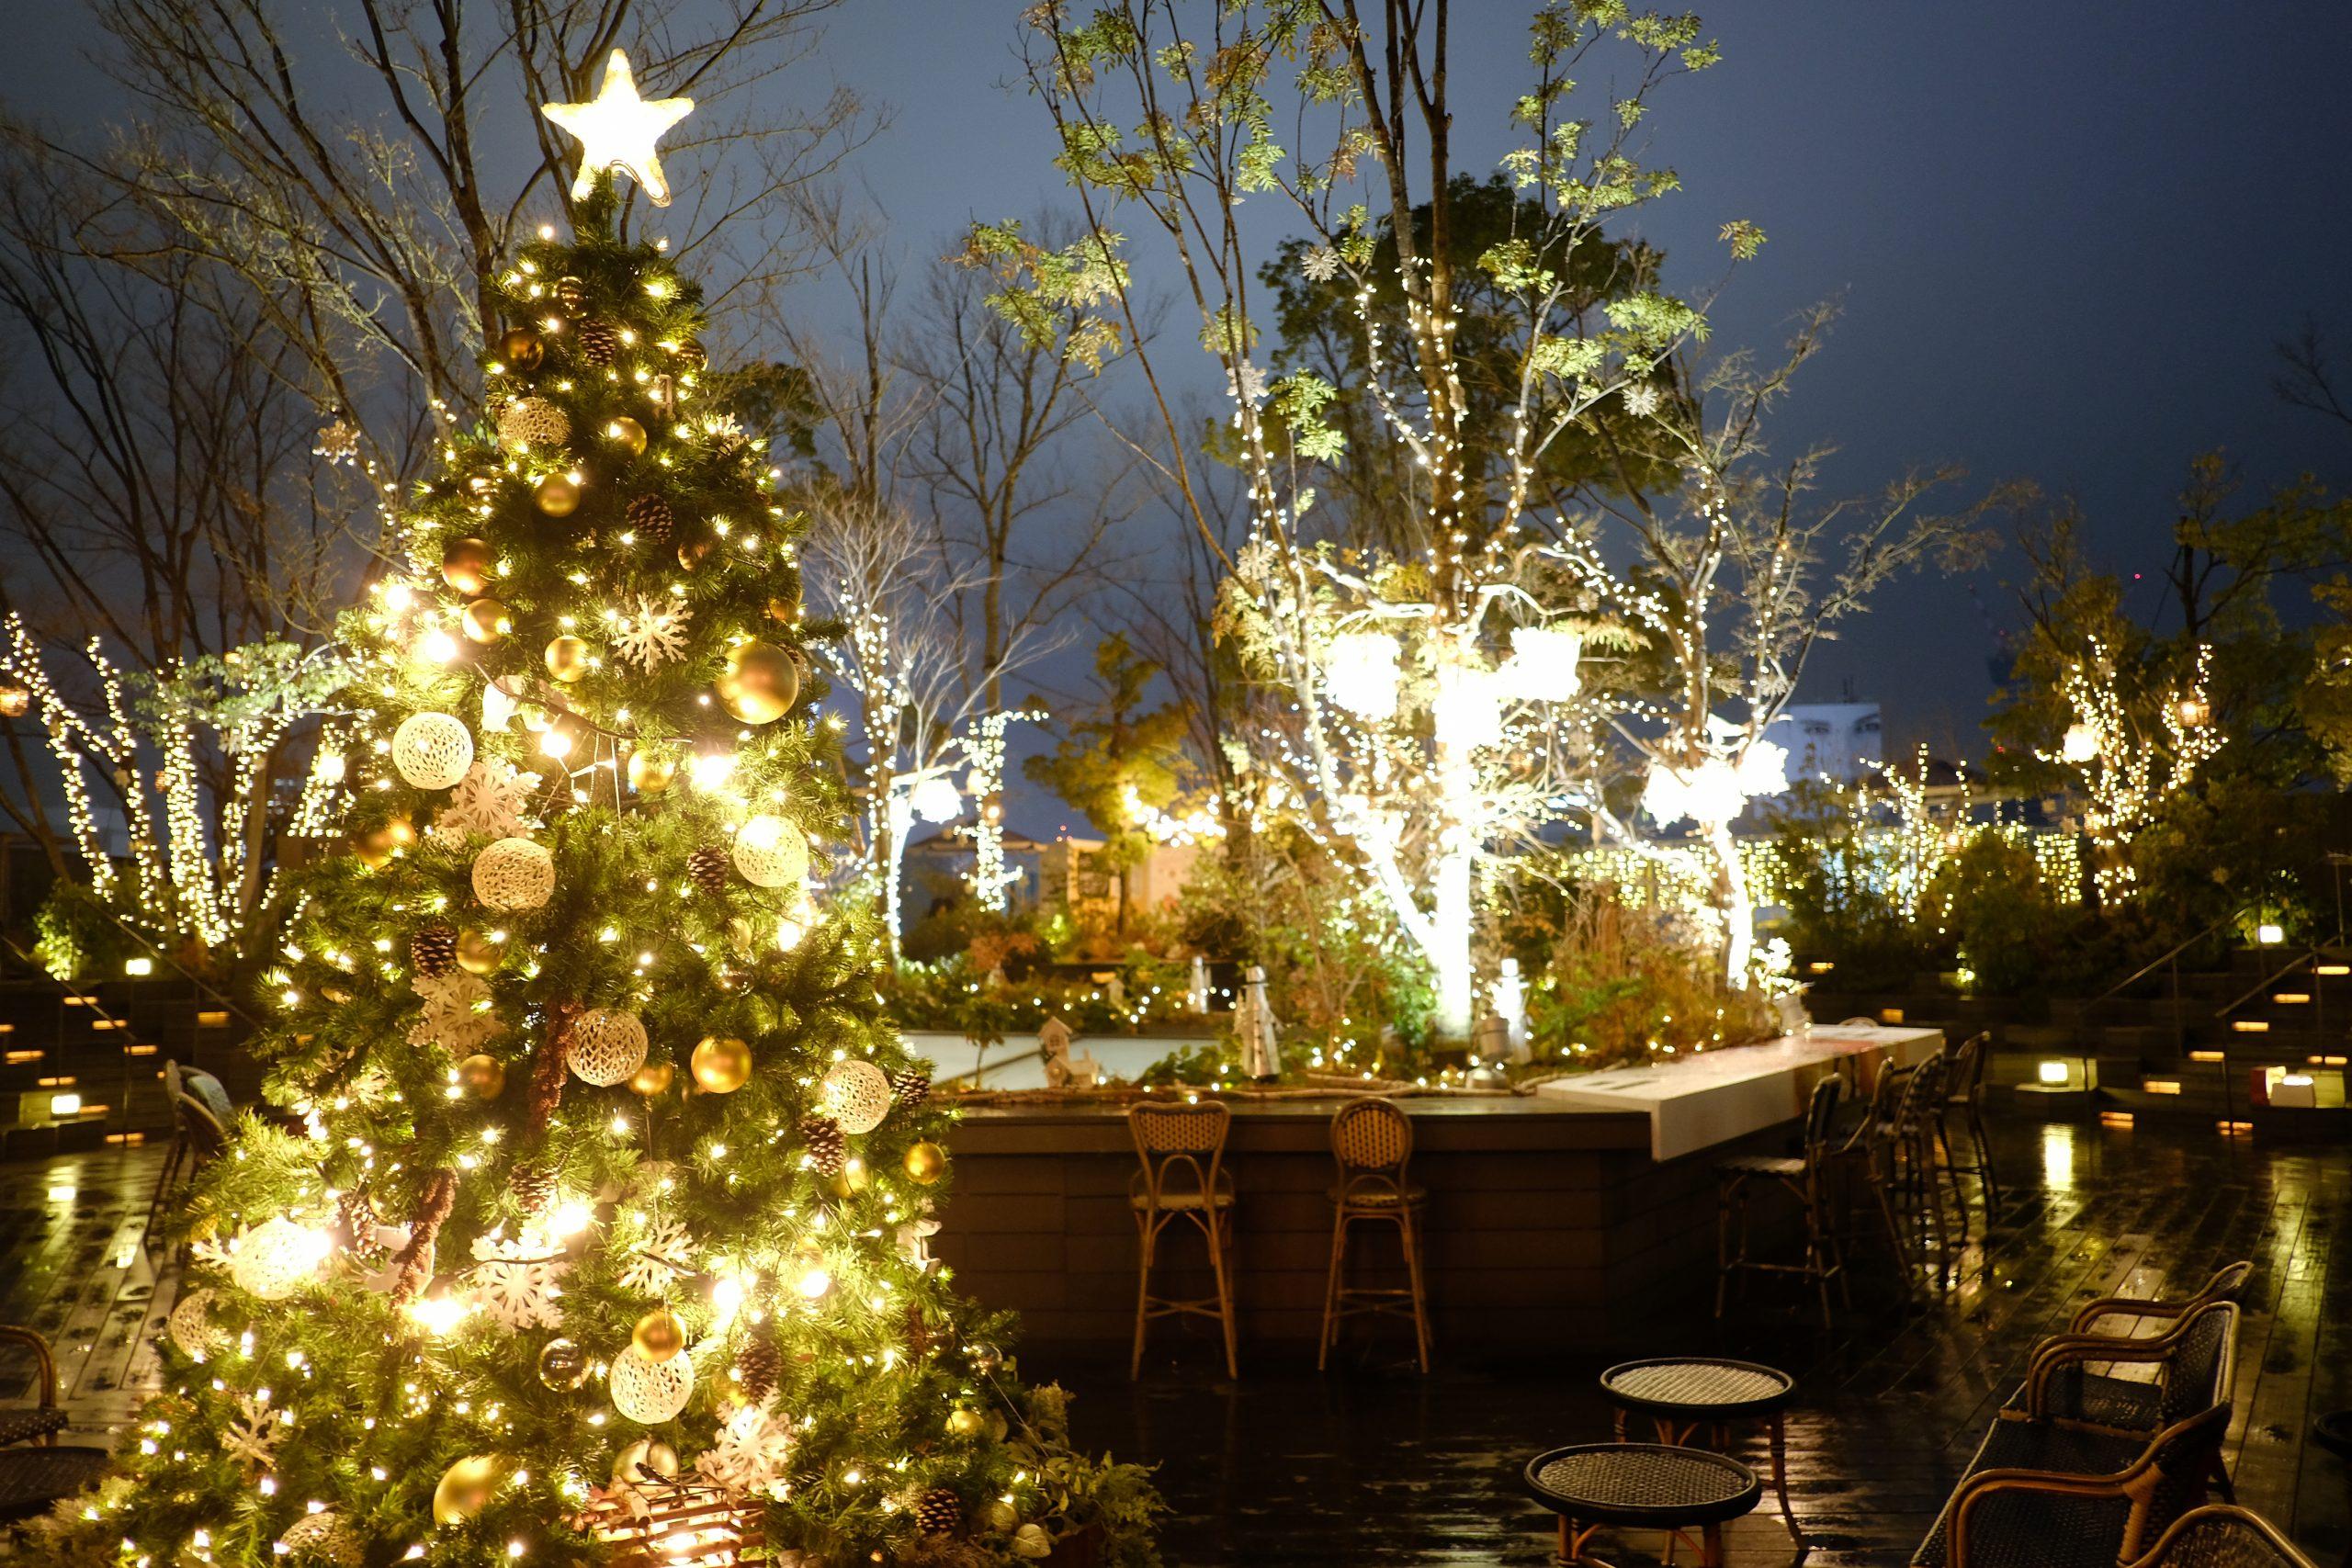 【FUJIFILM】クリスマスイブを彩る東京のイルミネーション